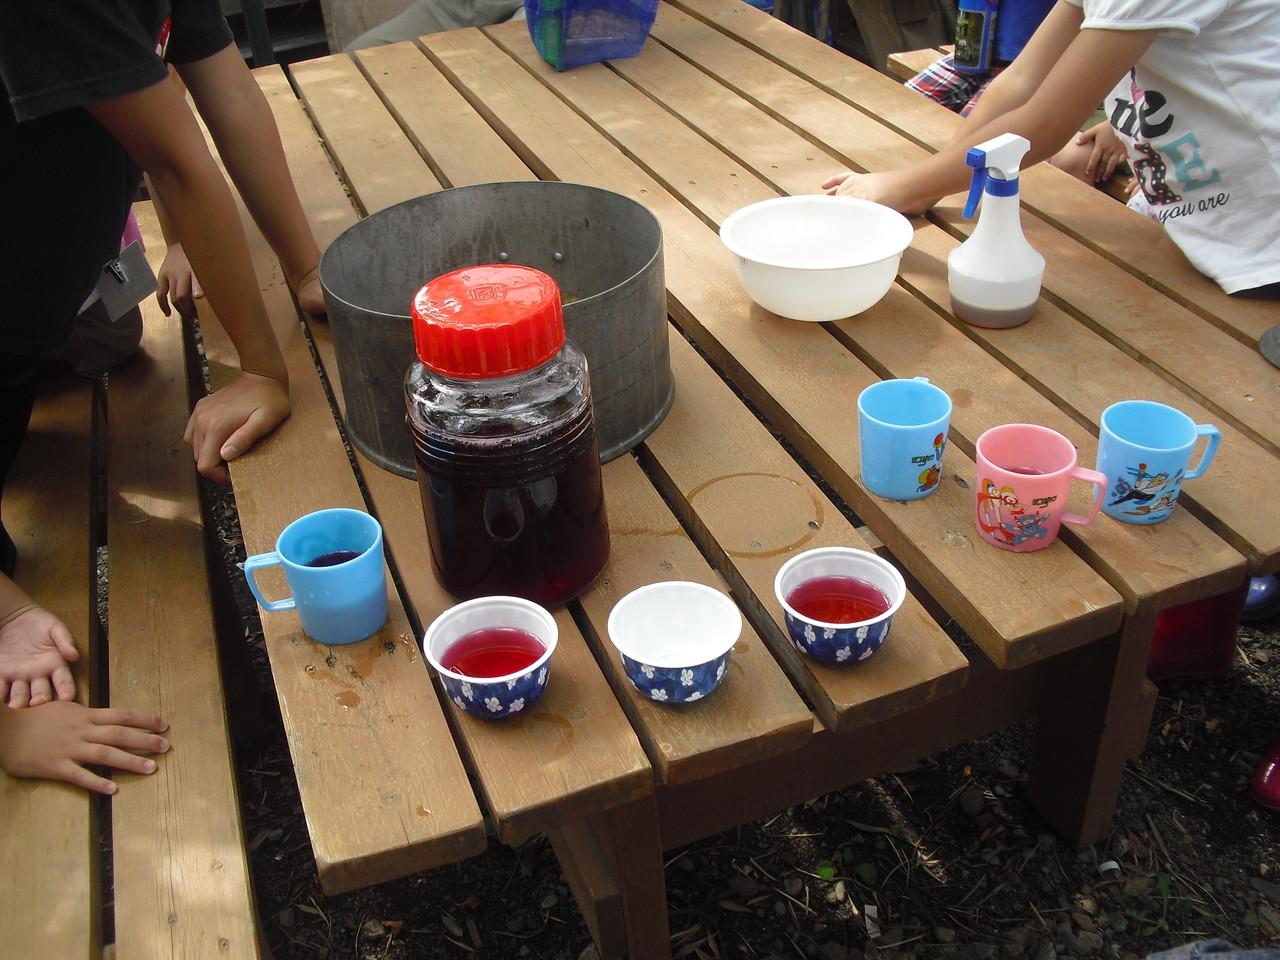 虫除けをつけて、ふじっころで取れた紫蘇で作ったジュース。夏バテ防止に飲んでから出発!